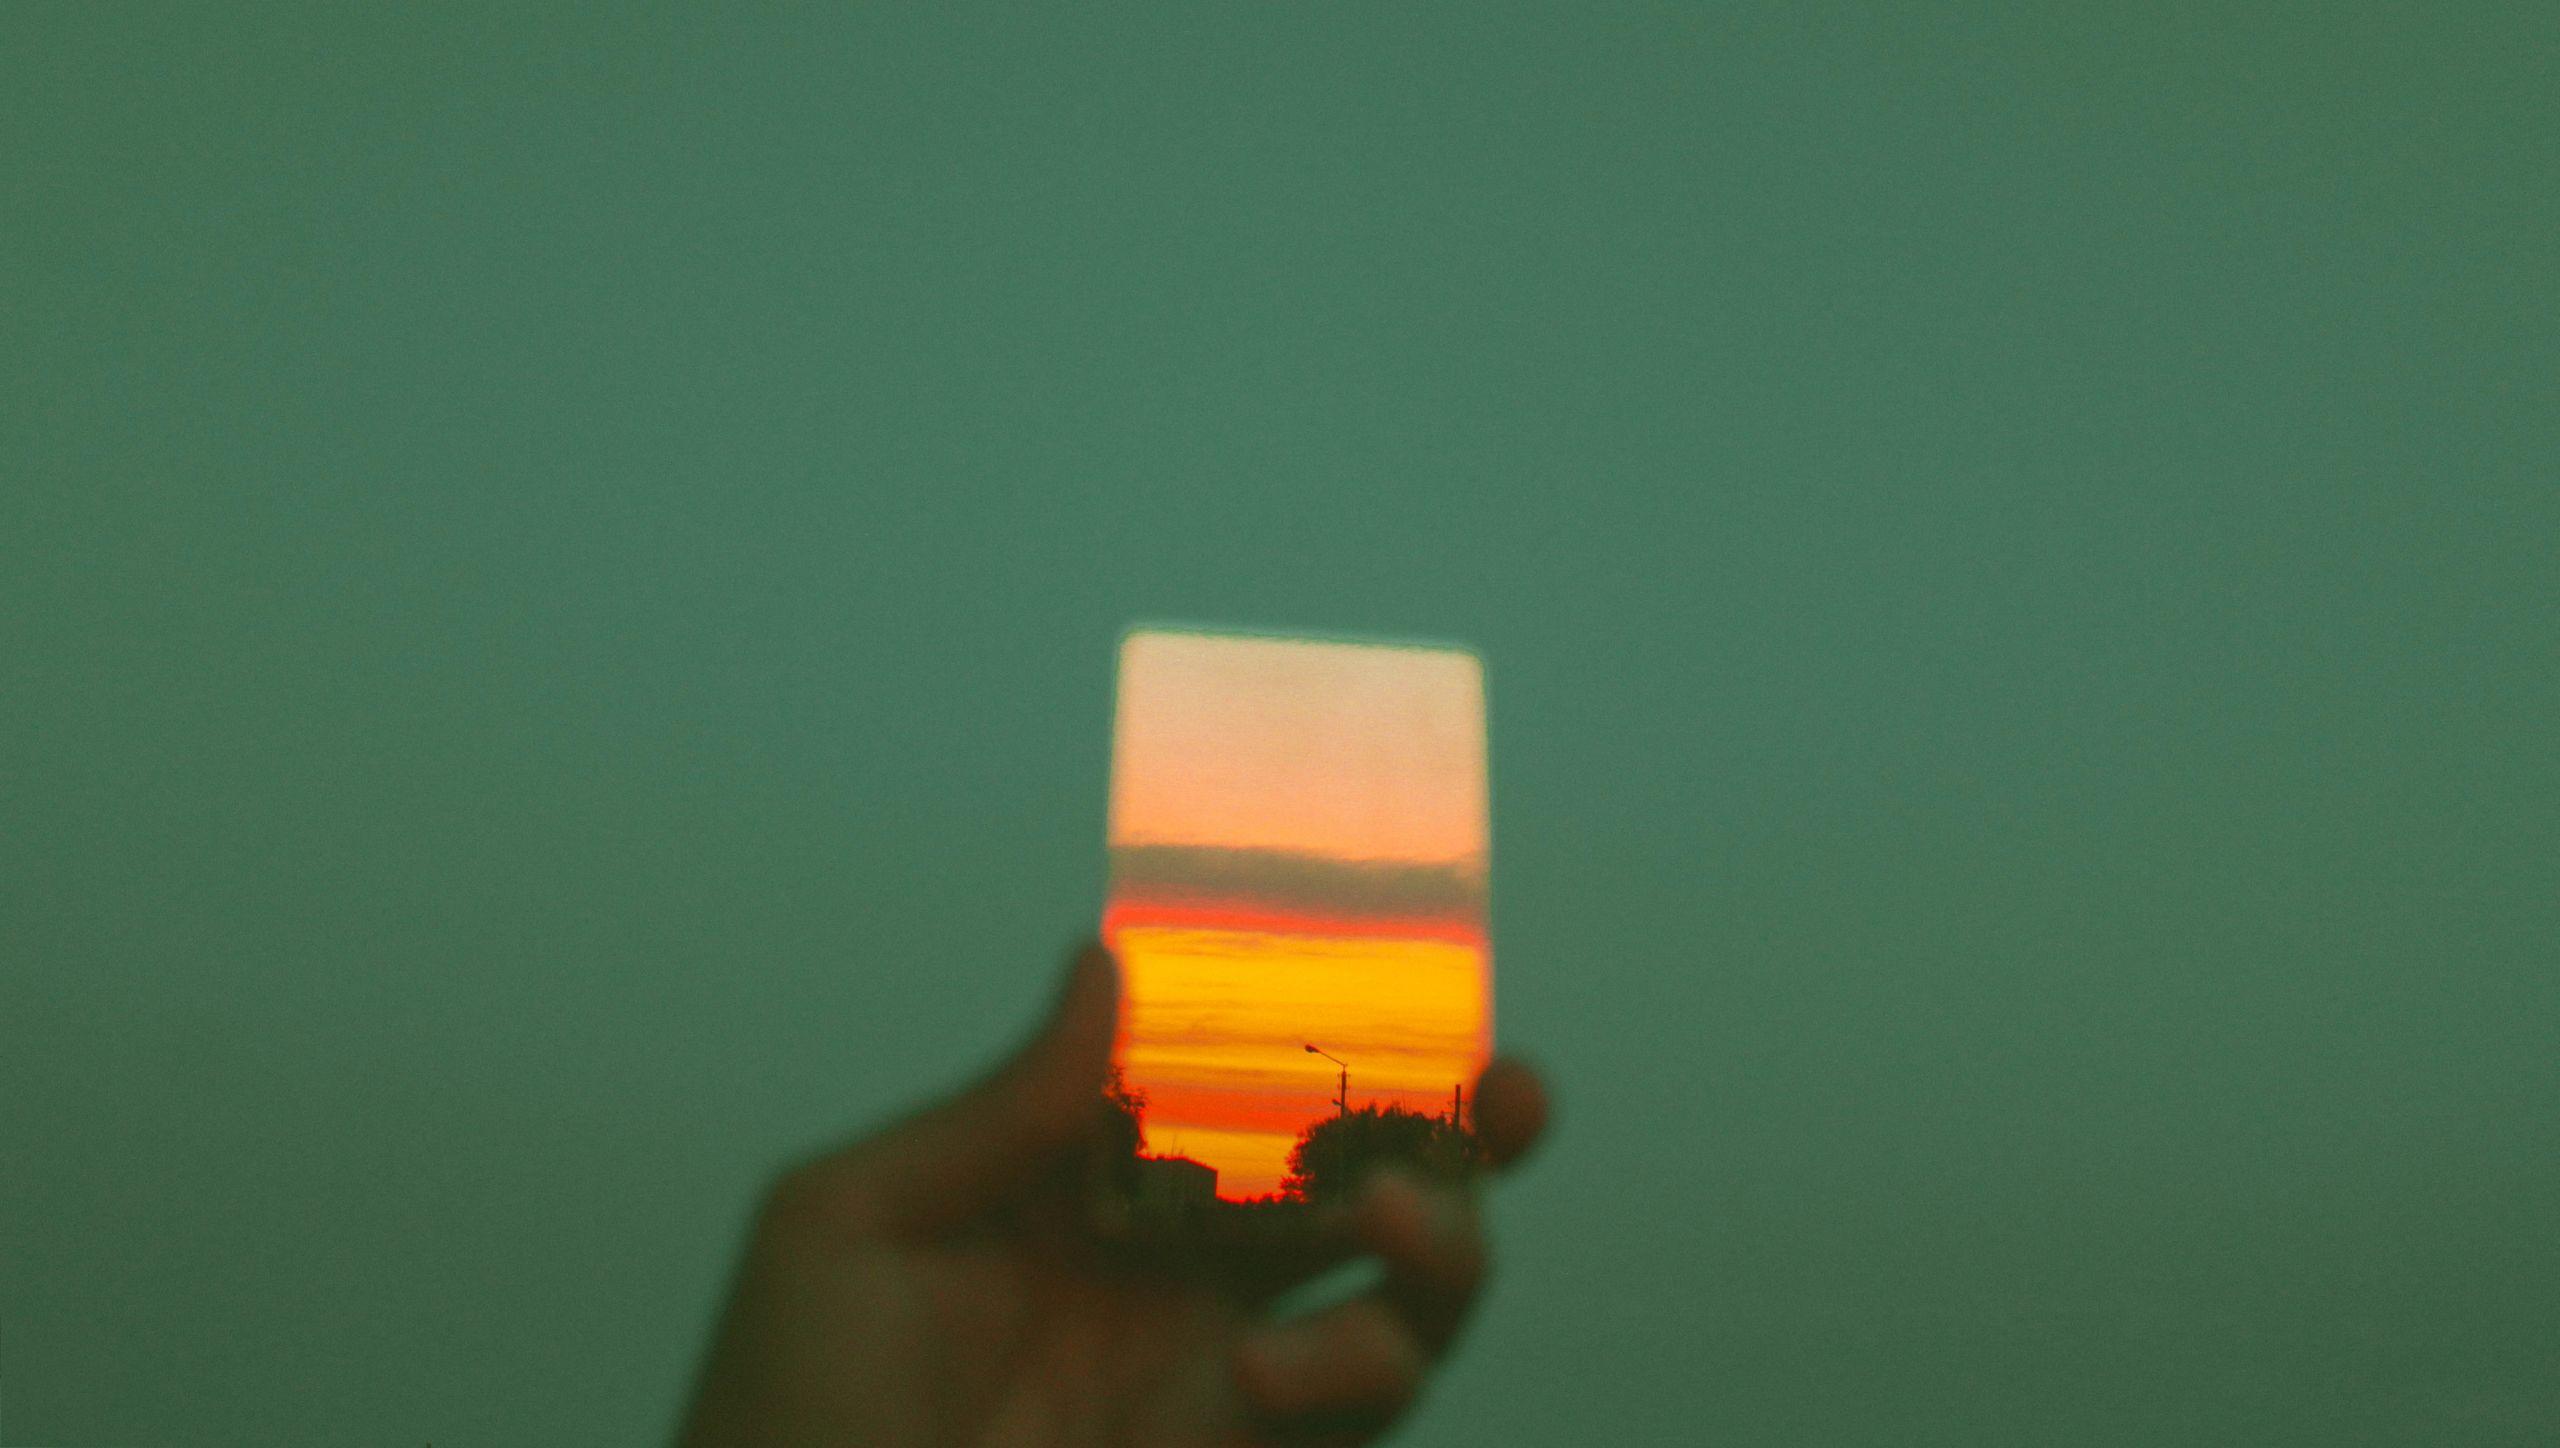 zielone tło, ręka z lusterkiem odbijającym zachód słońca